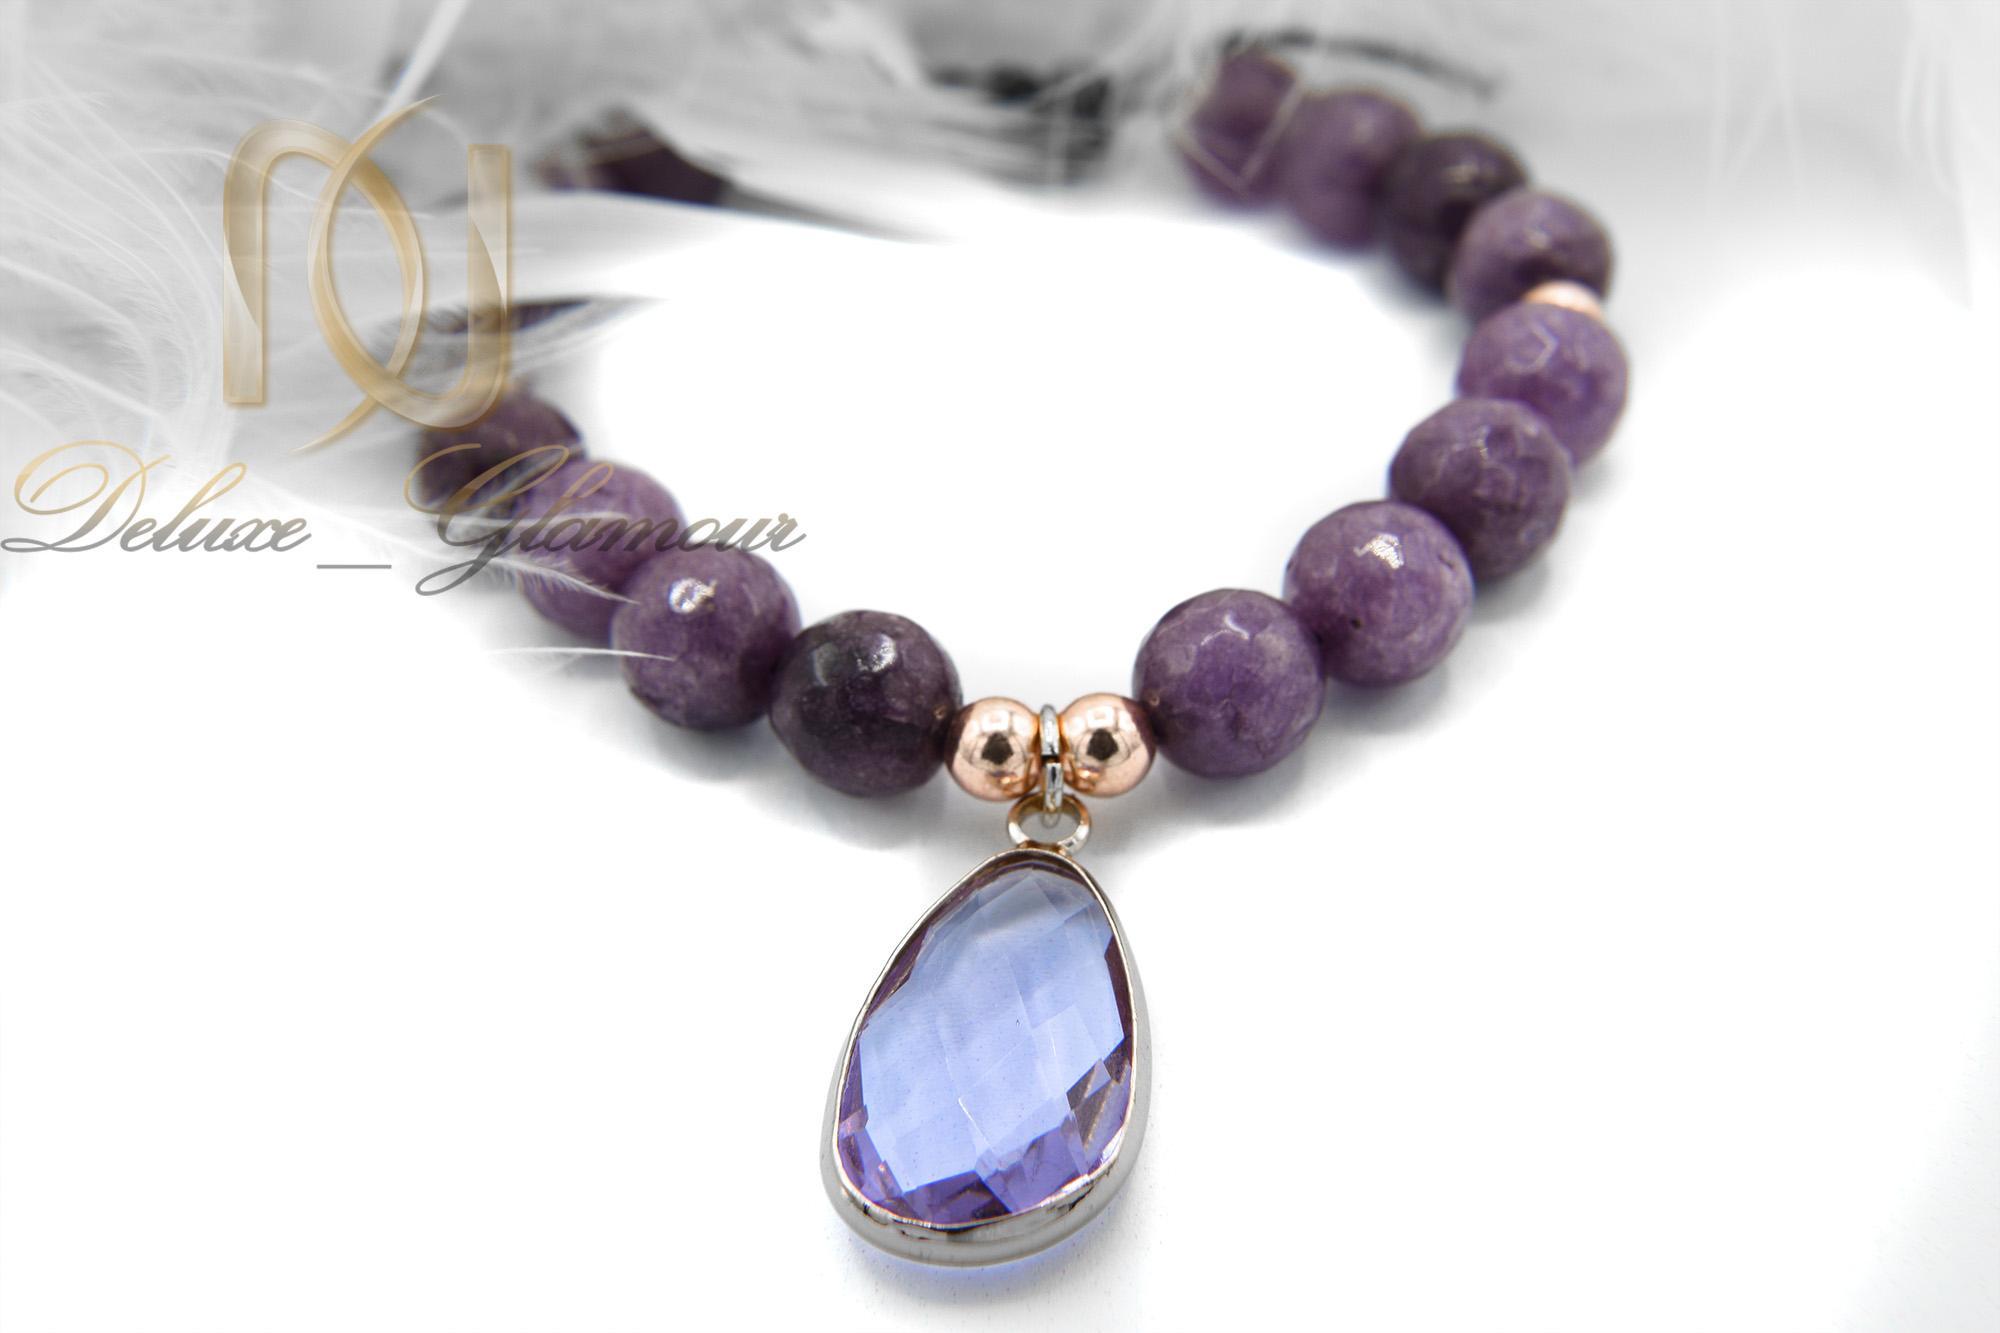 دستبند اسپرت دخترانه سنگ عقیق با کریستال شیشه ای zn-n119